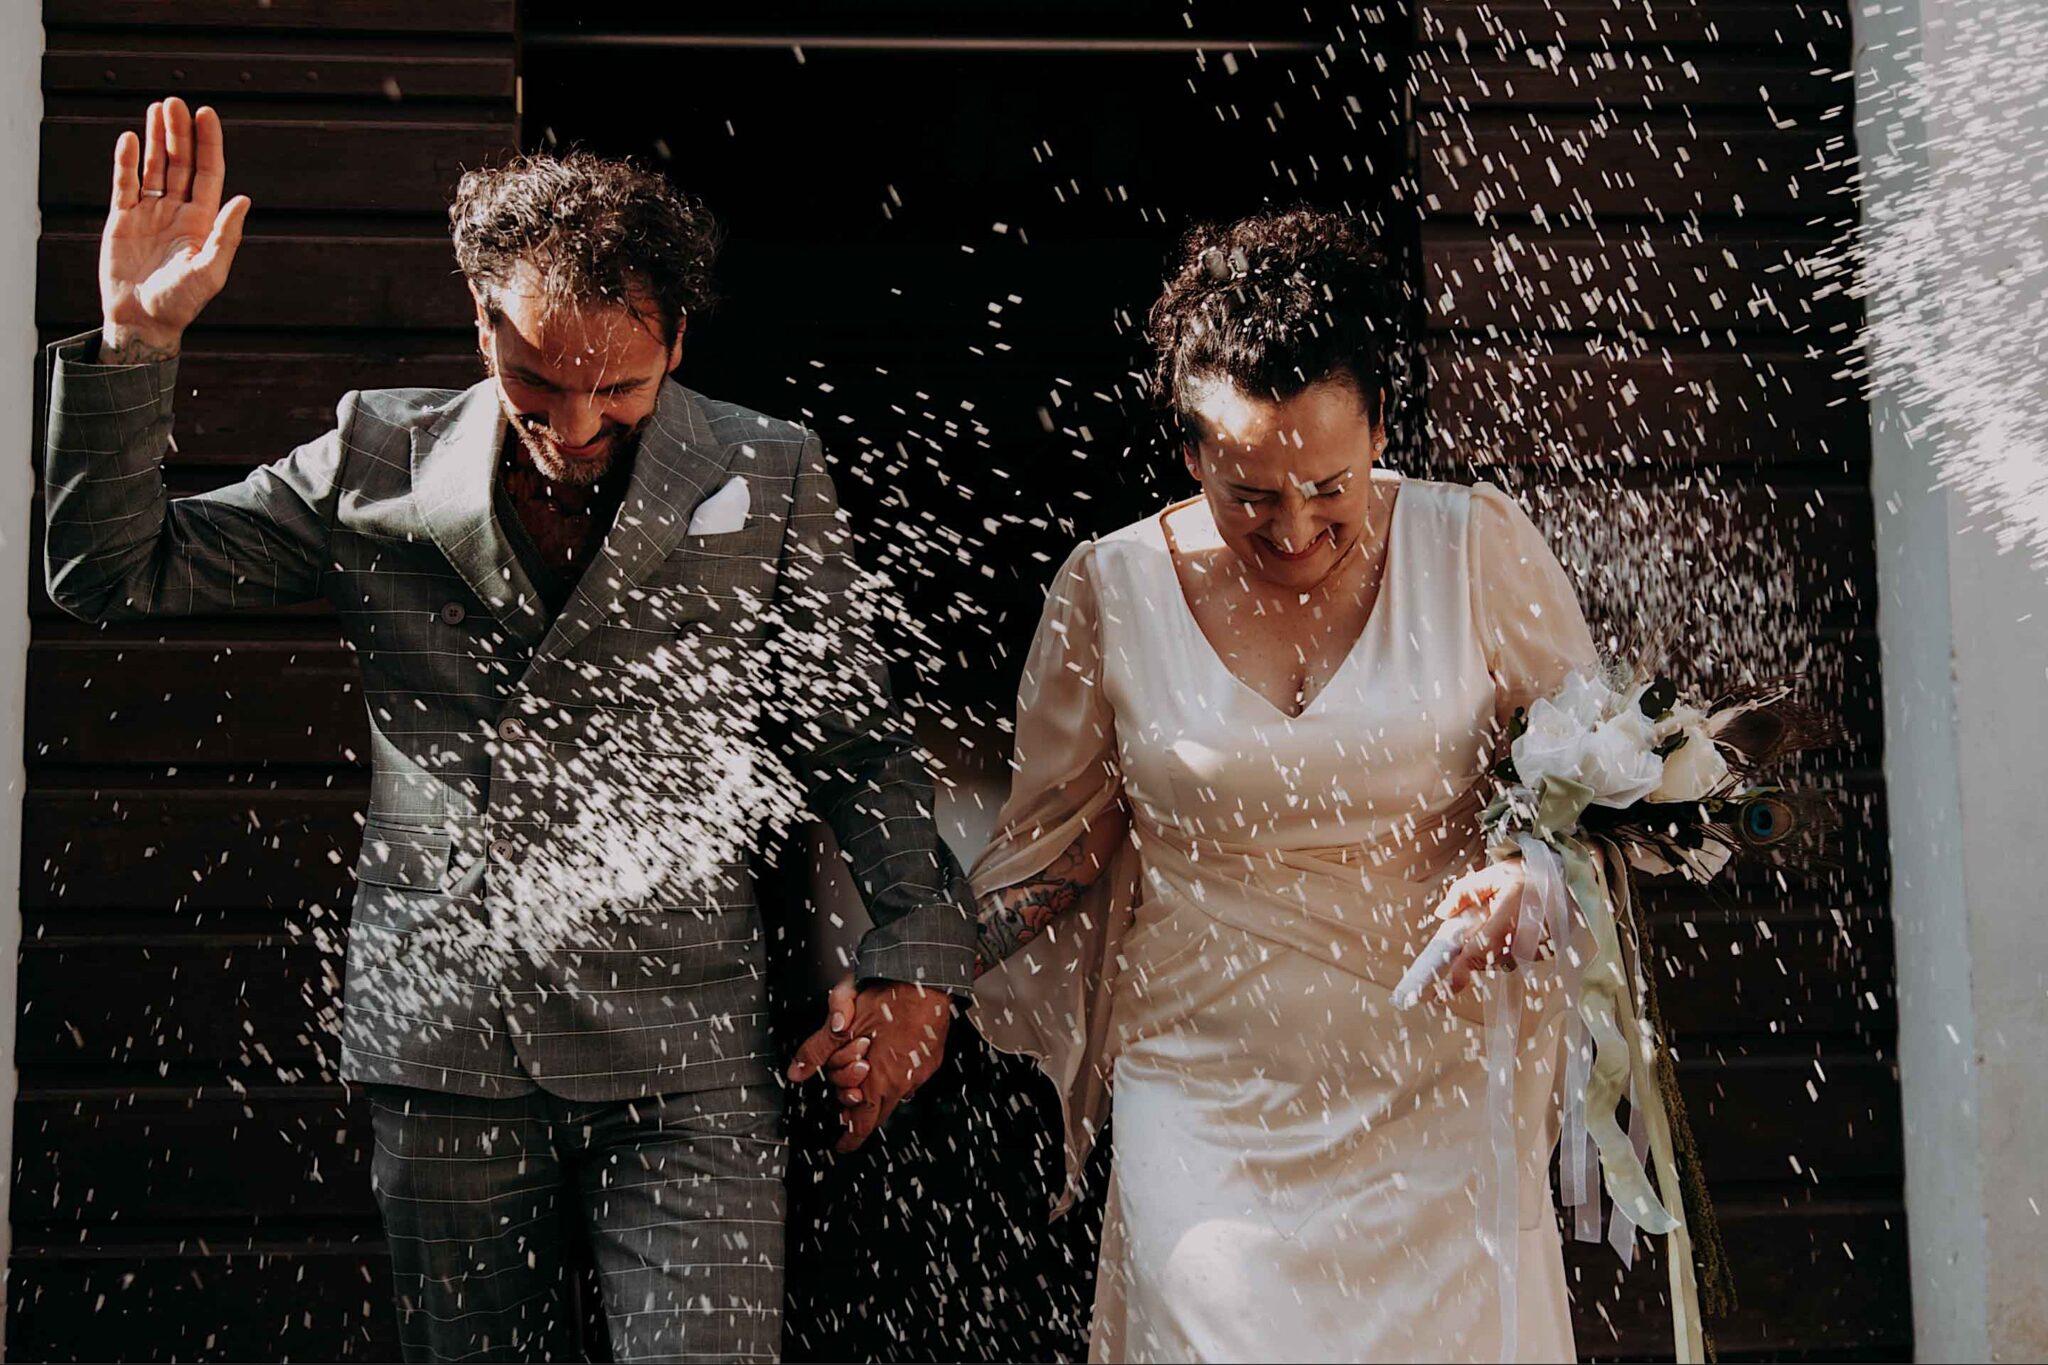 wedding rice throwing